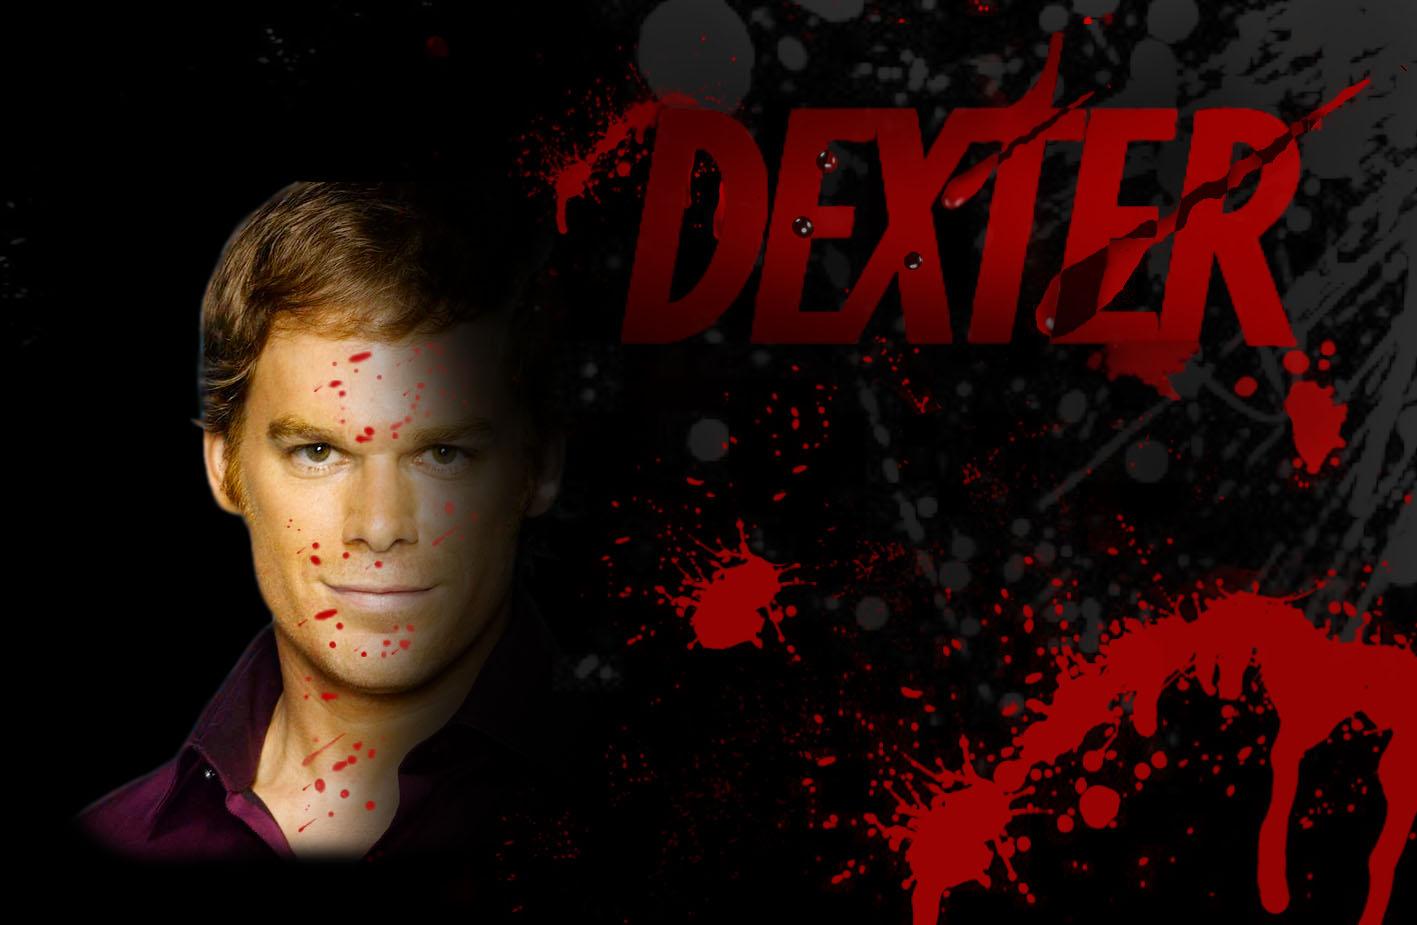 dexter blood splatter poster - photo #11